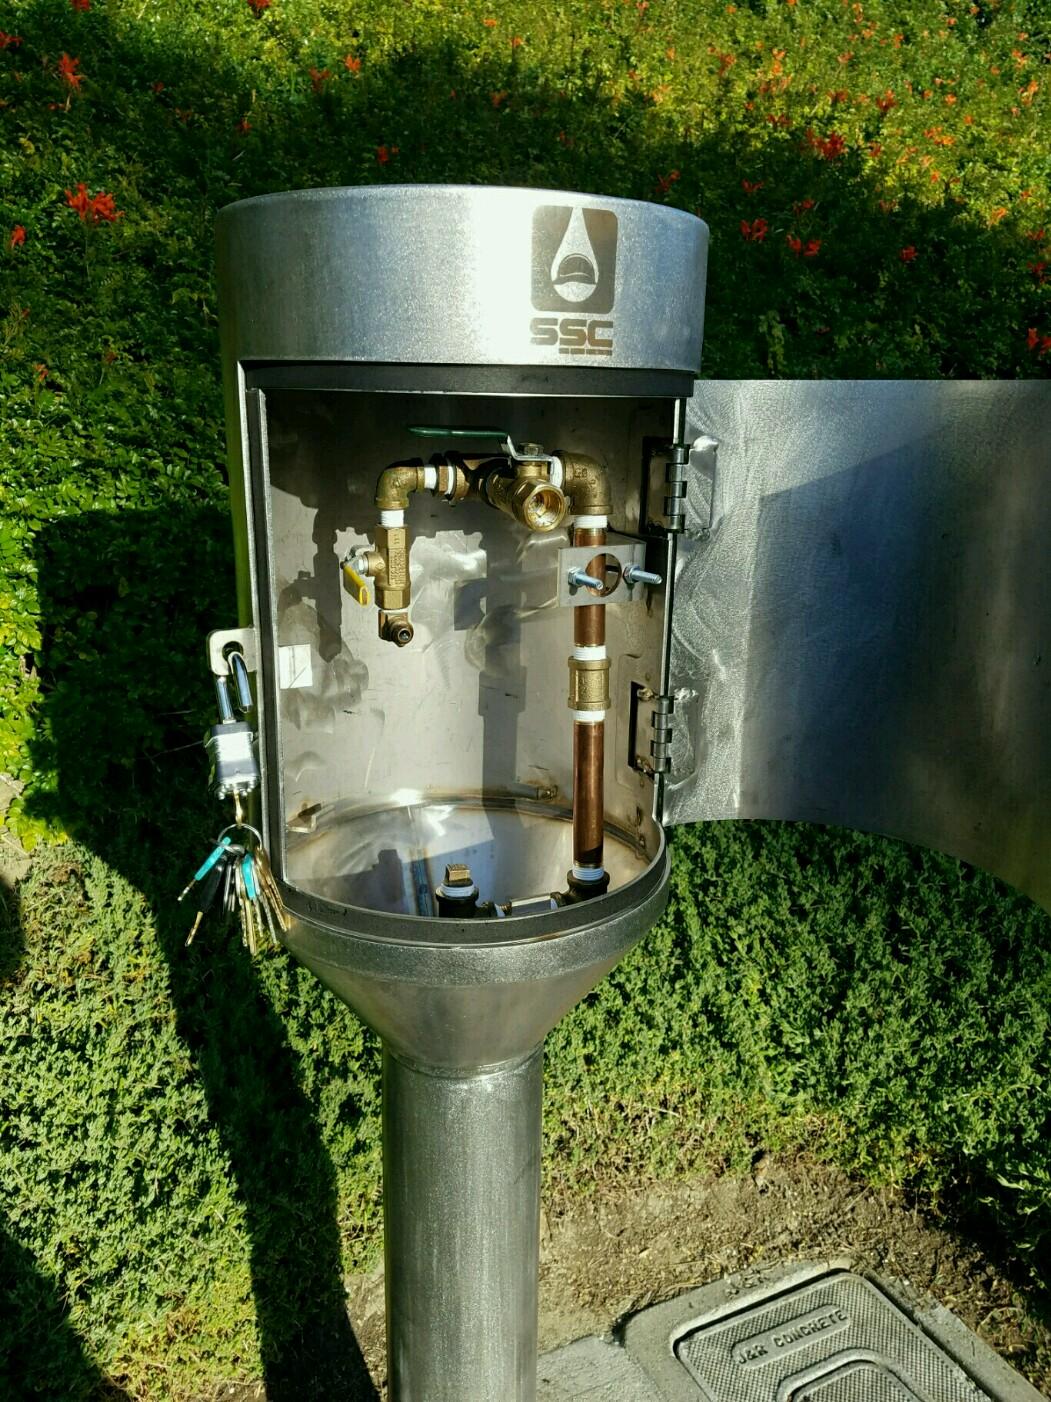 Blow off | Water Sampling Equipment | Steel Source Construction